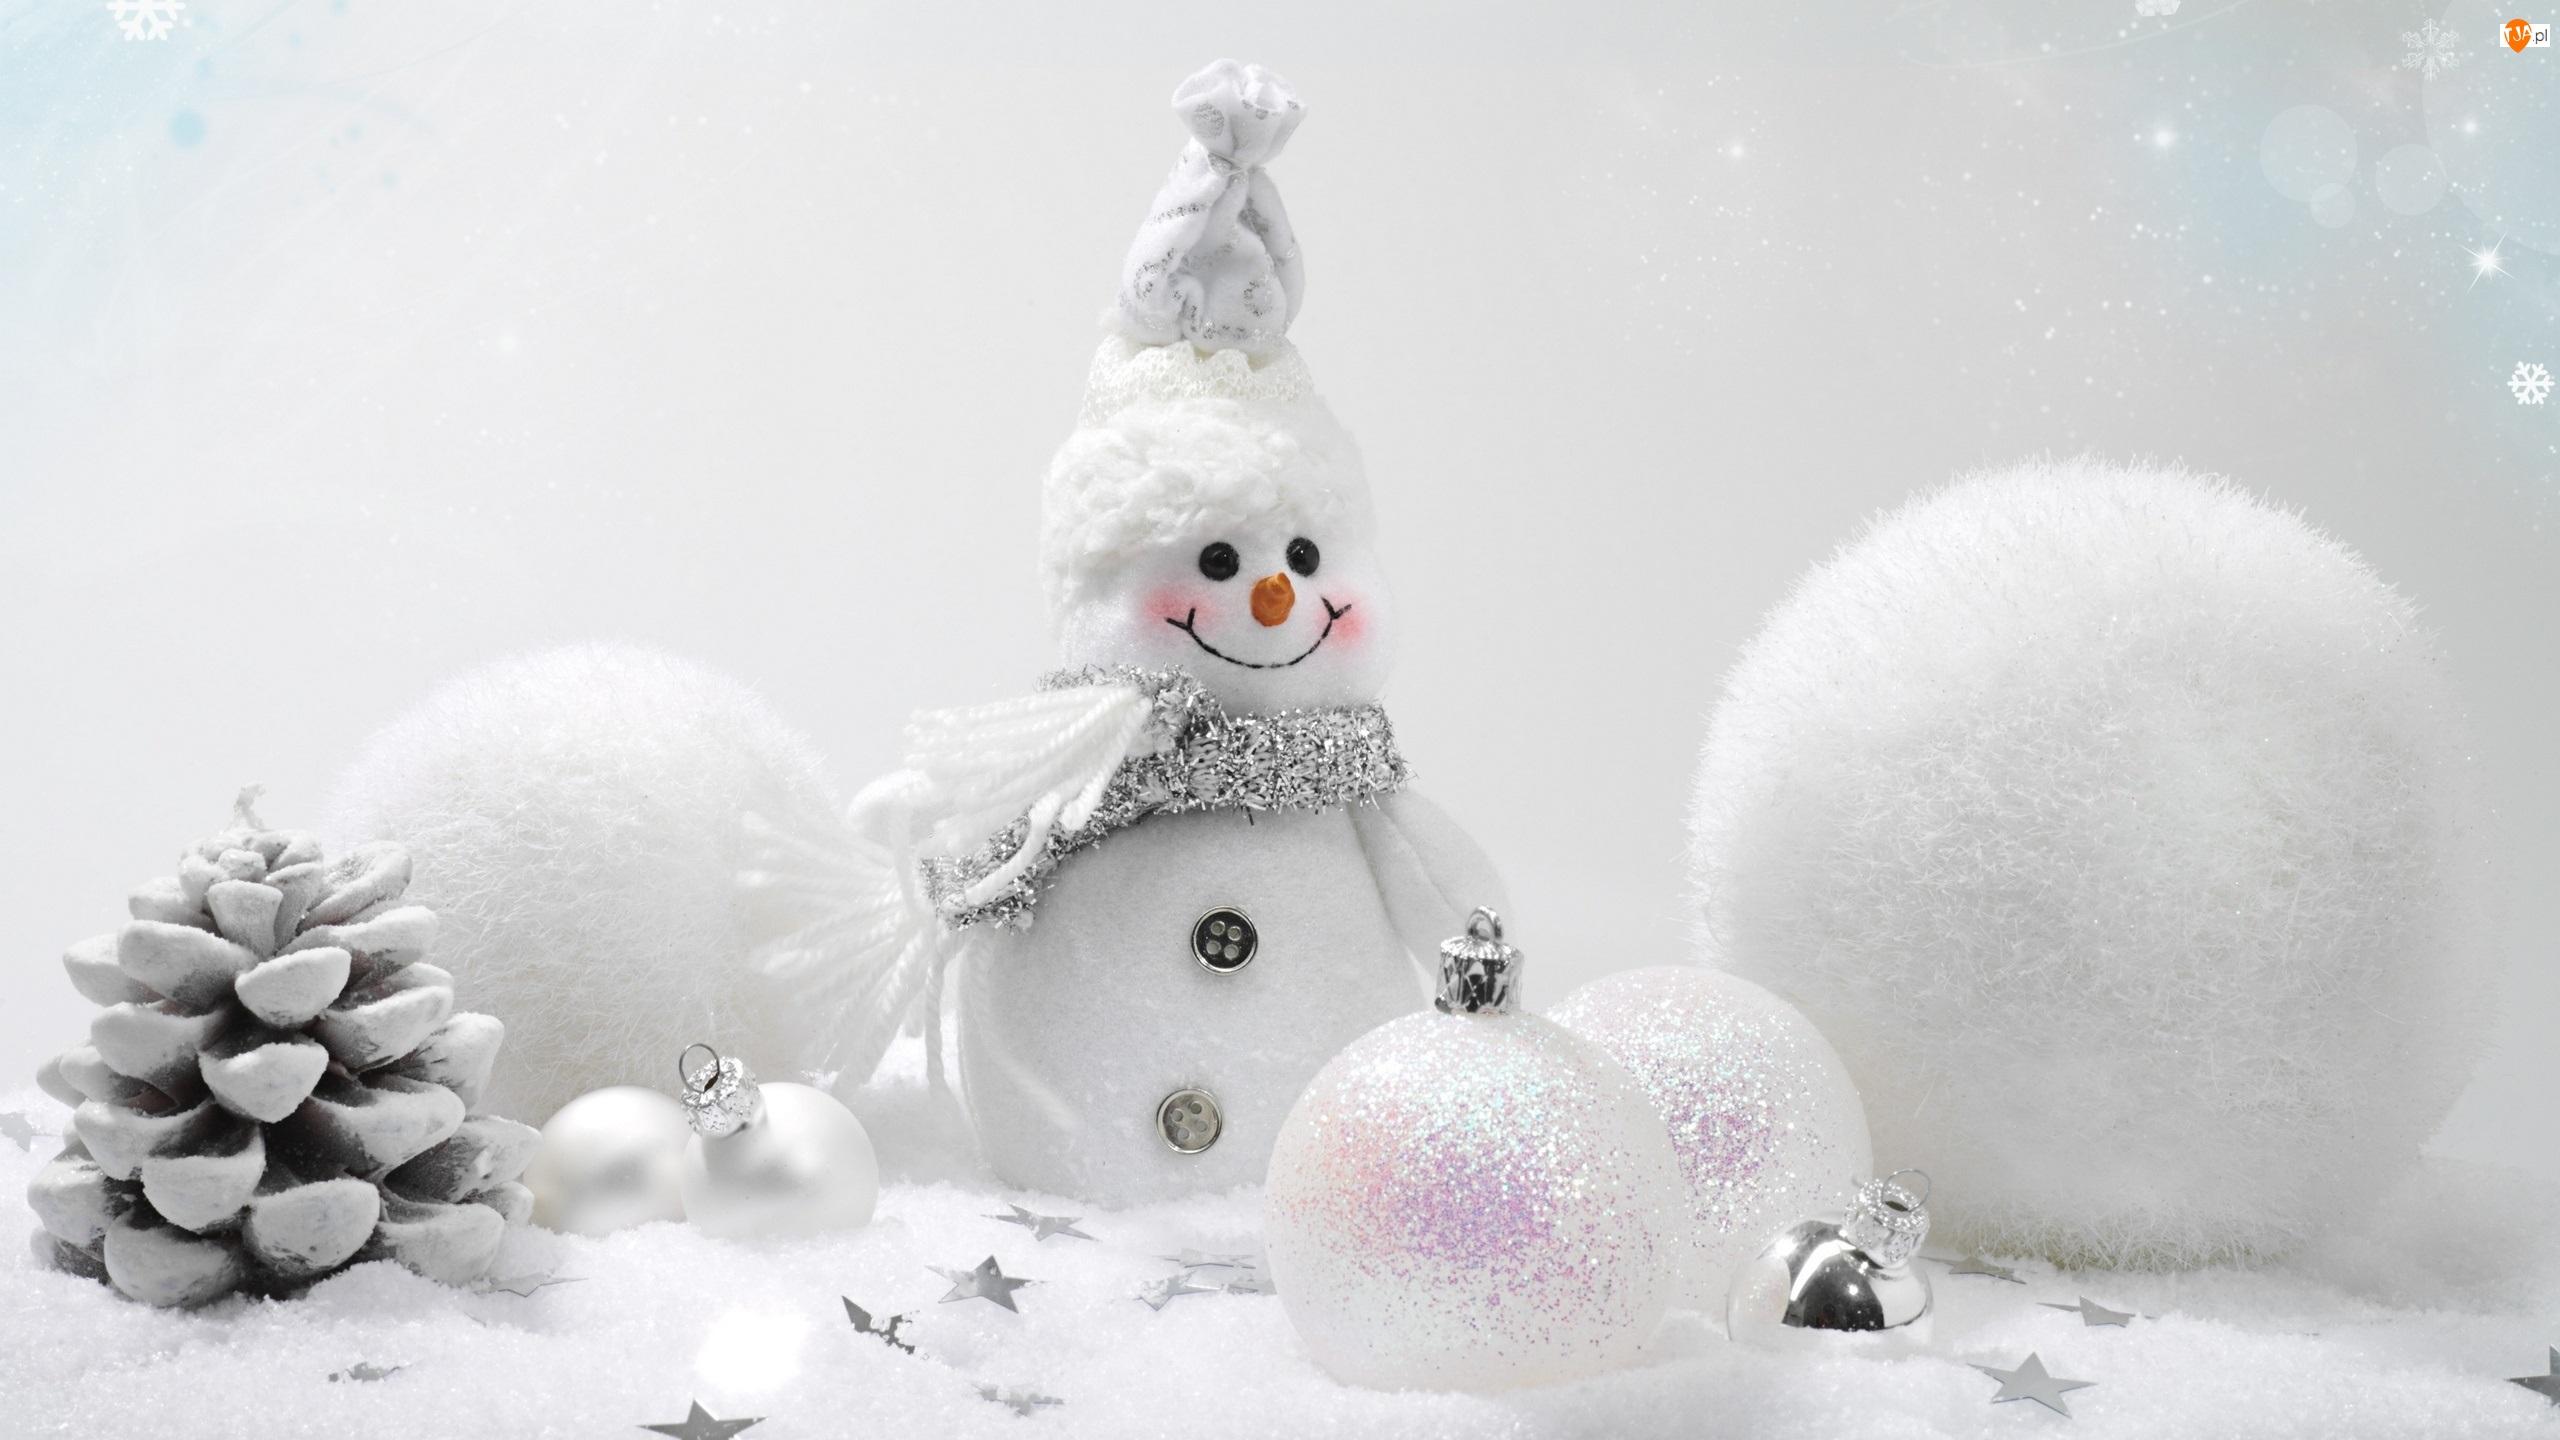 Bombki, Bałwanek, Świąteczna, Dekoracja, Gwiazdki, Boże Narodzenie, Szyszka